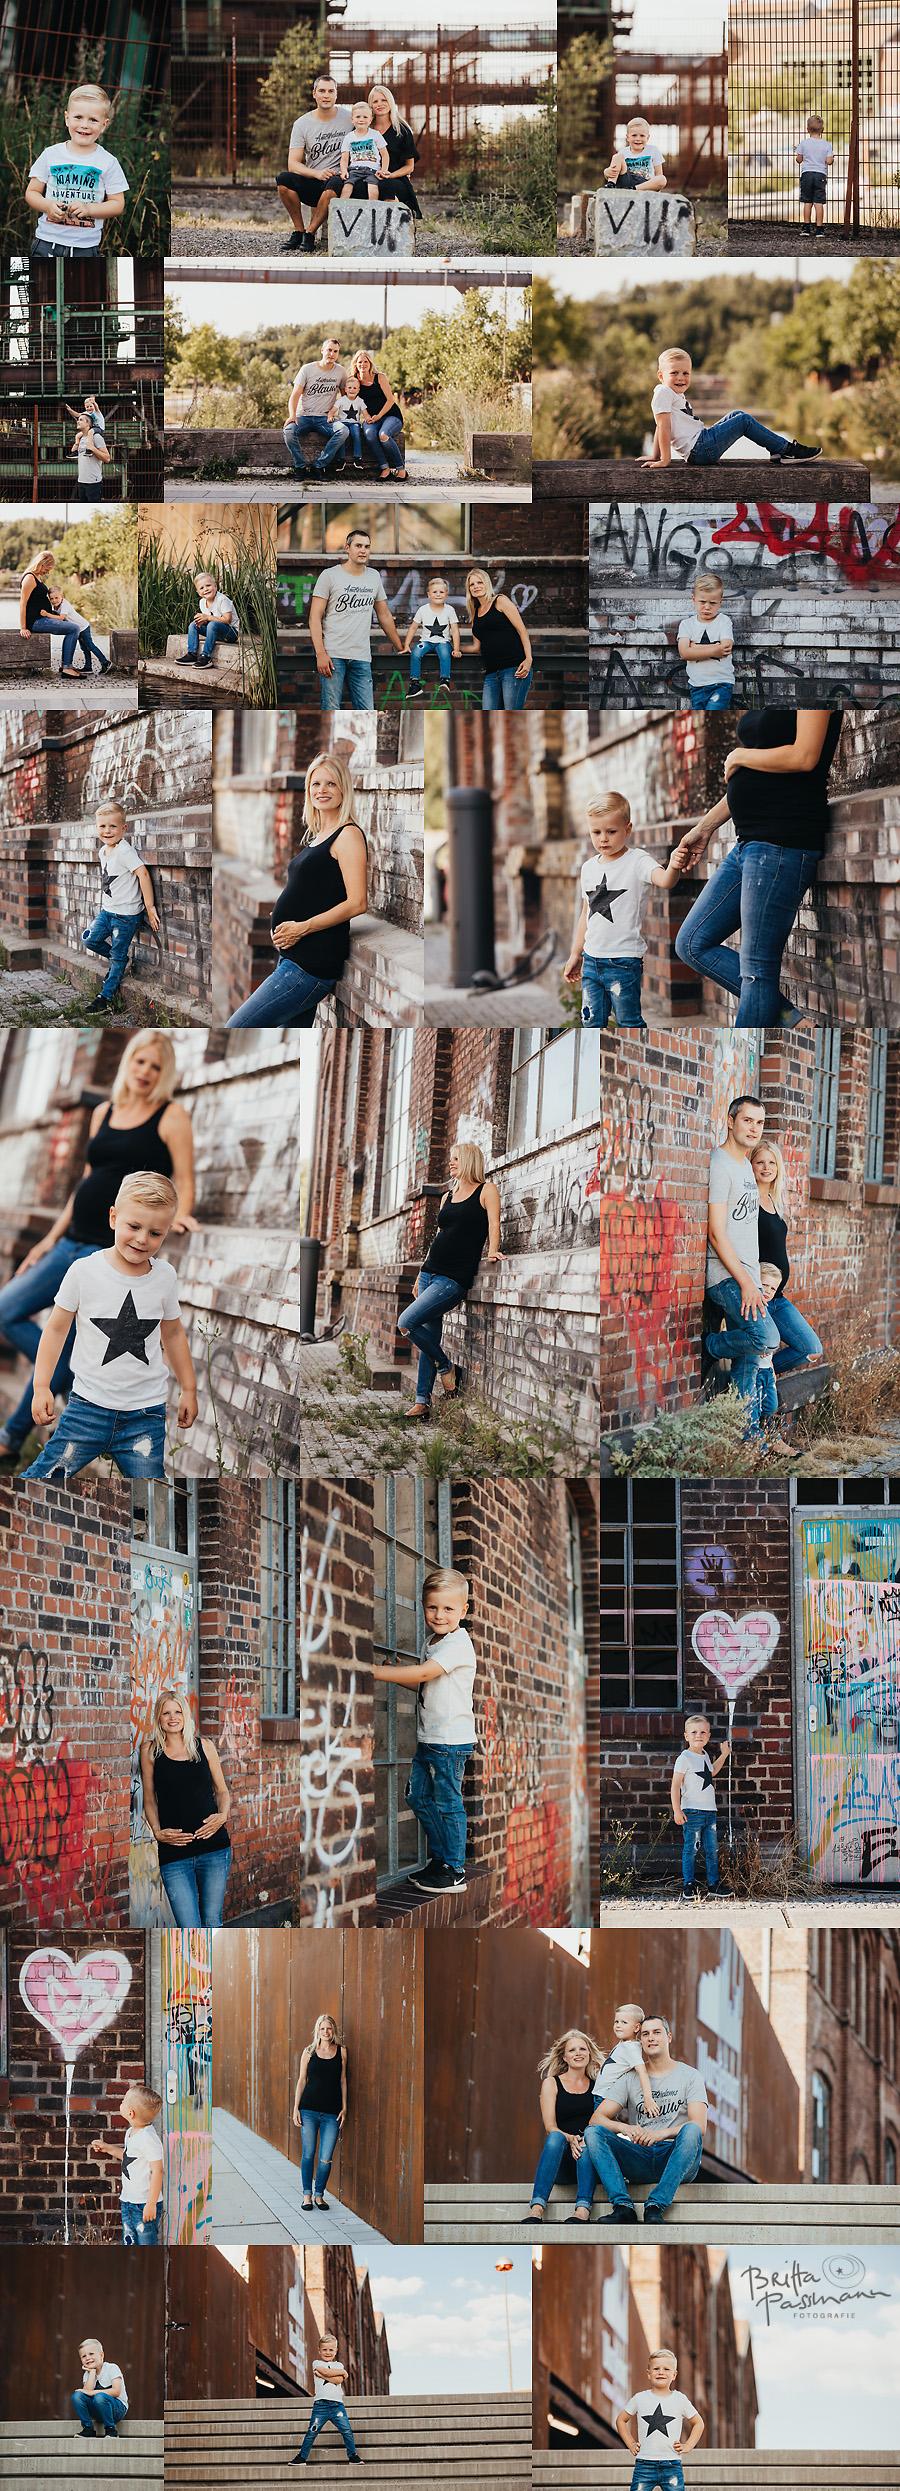 Industriekultur Sommer Fotoshooting Dortmund Familienfotos Kinderfotos Fotostudio Britta Passmann Fotografie